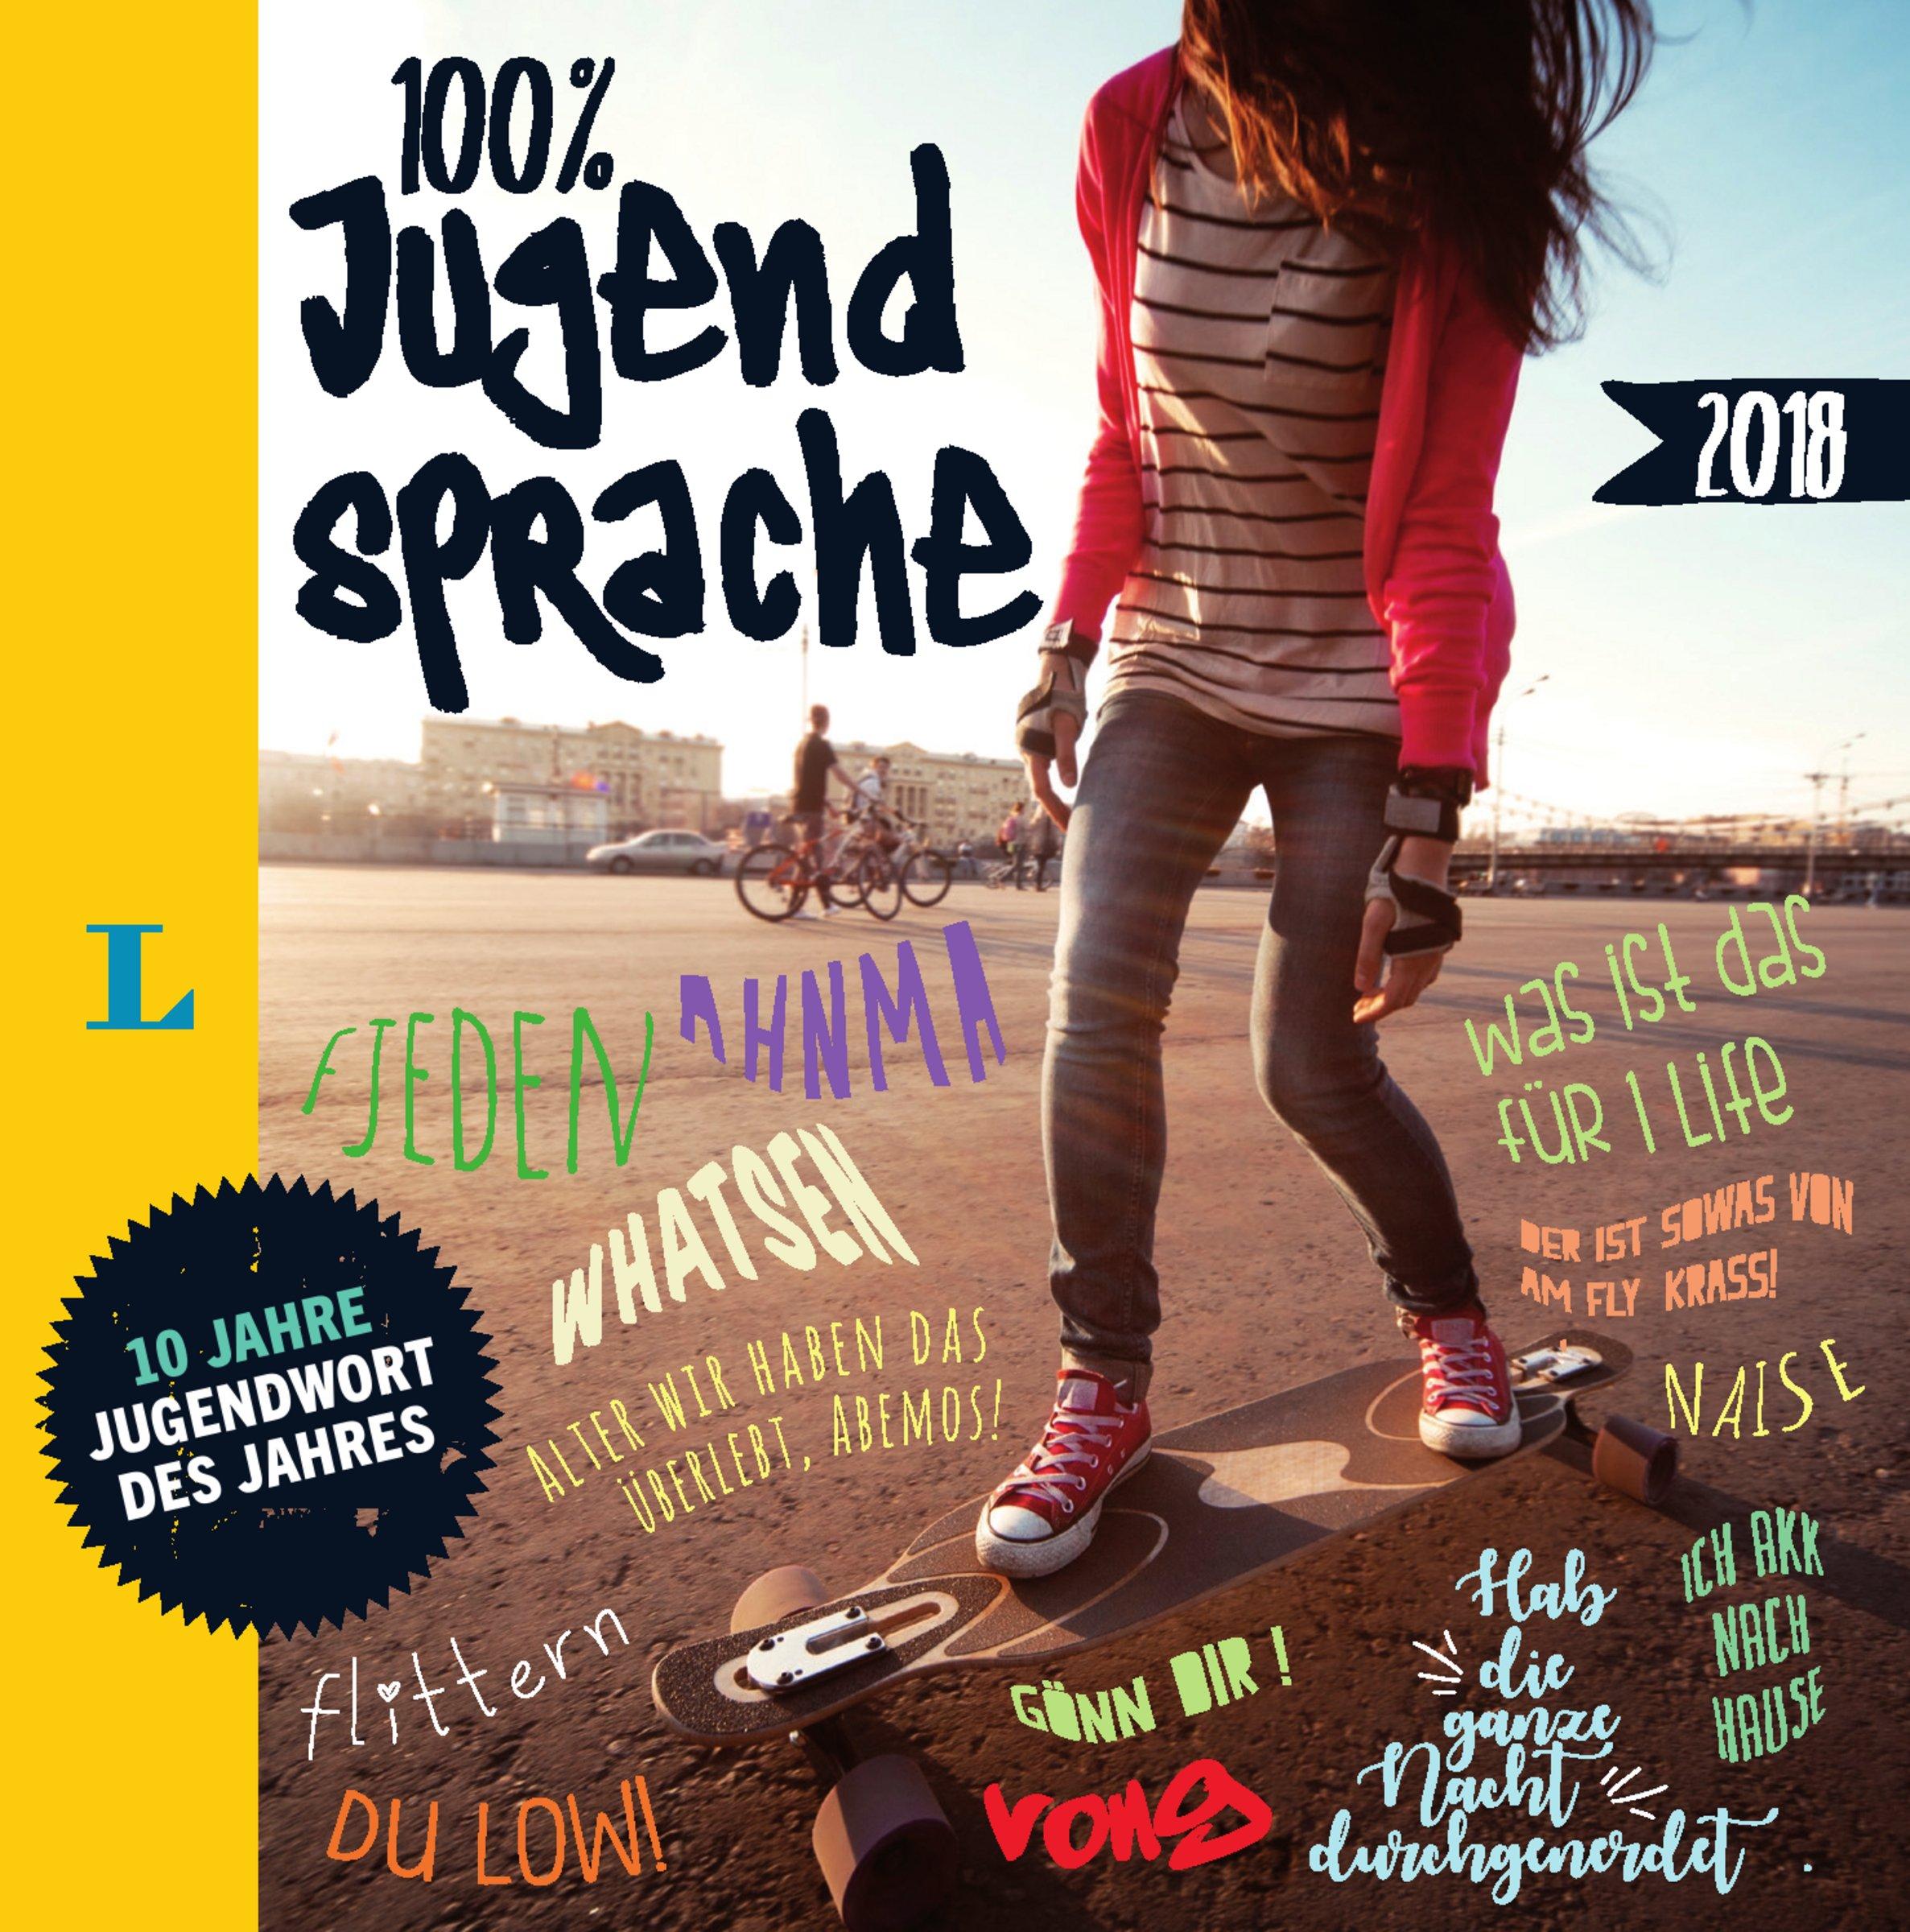 Langenscheidt 100 Prozent Jugendsprache 2018 - Das Buch zum Jugendwort des Jahres